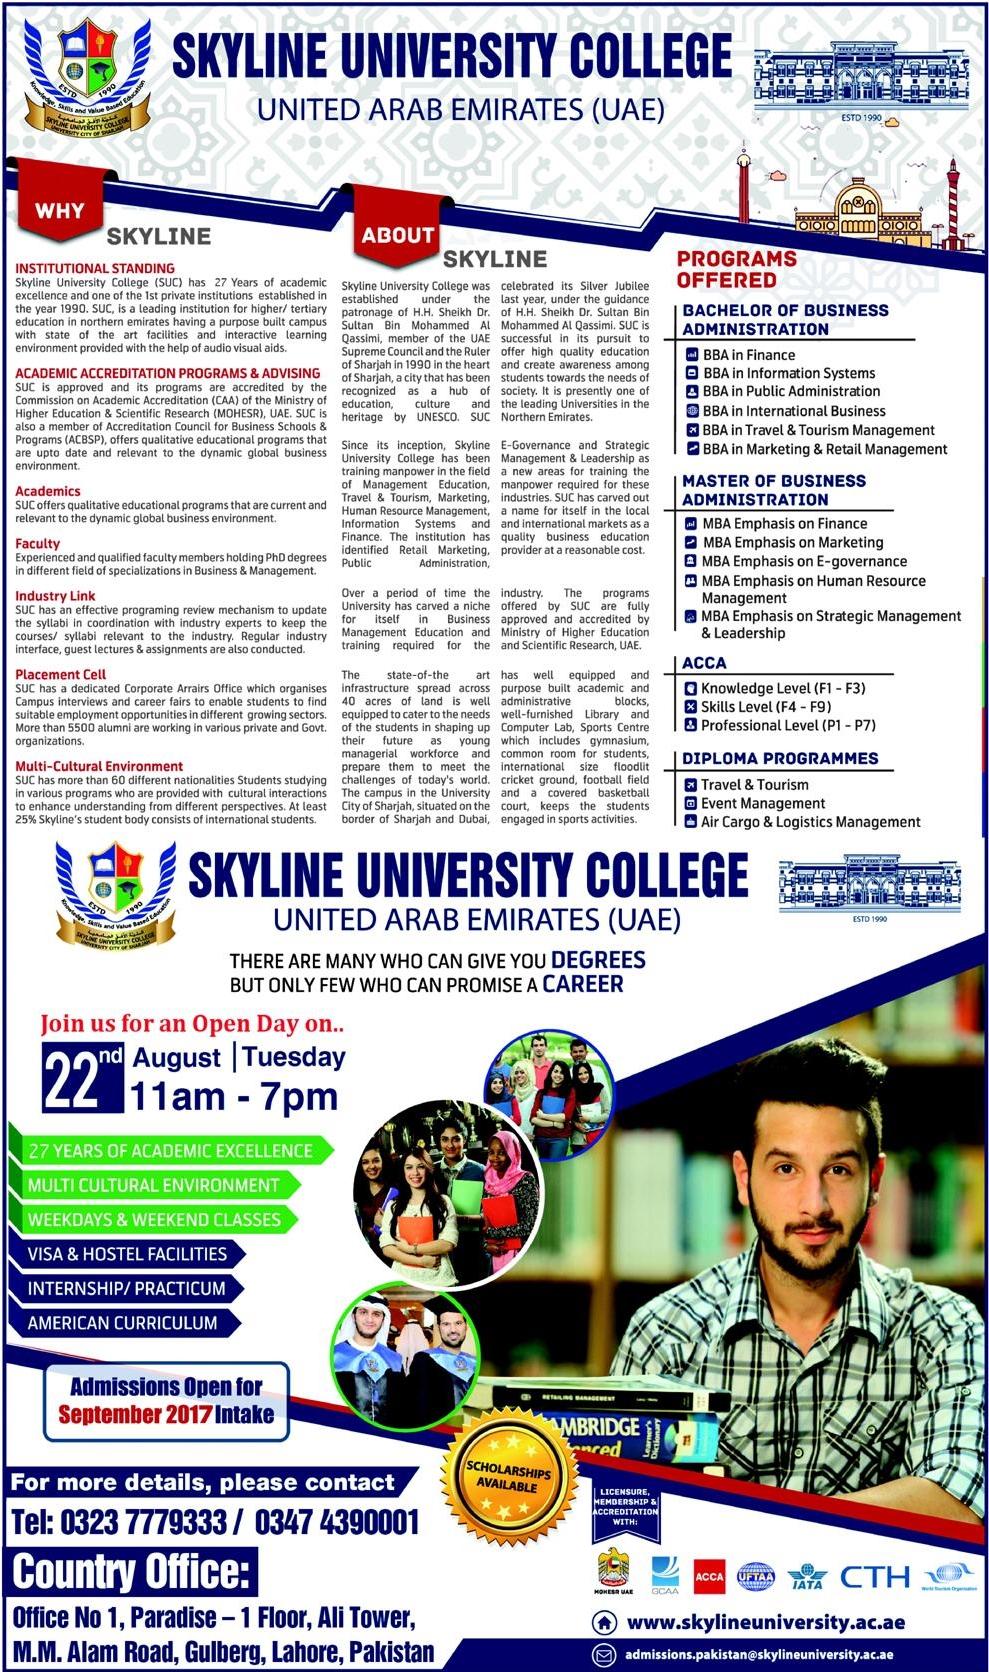 Skyline University College UAE Admission 2017